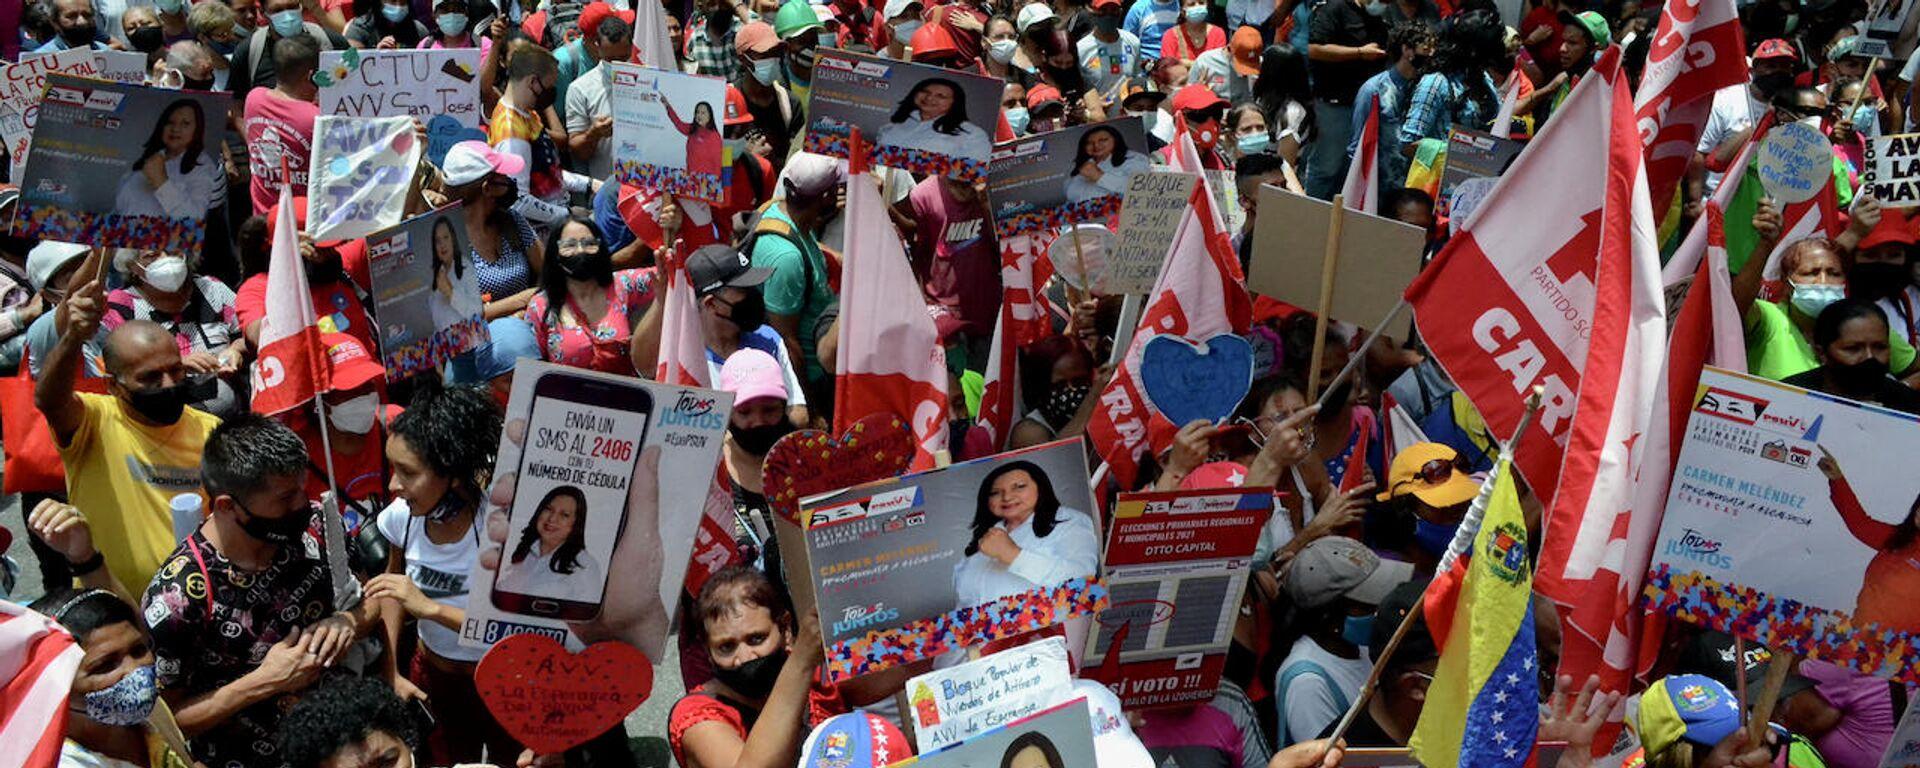 Militantes del Partido Socialista Unido de Venezuela se movilizaron en Caracas  - Sputnik Mundo, 1920, 06.08.2021